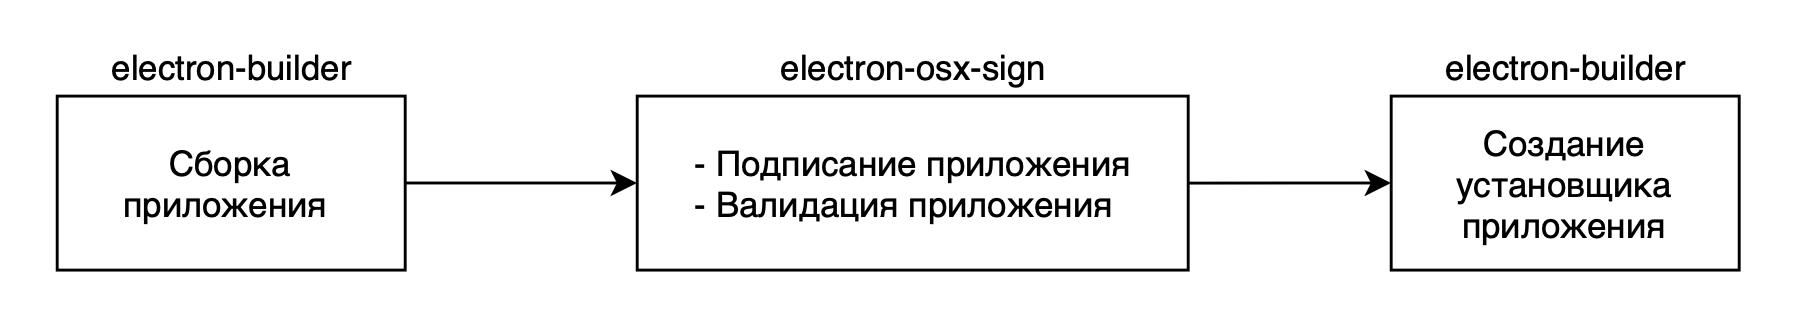 Процедура нотаризации Electron приложения для macOS 10.14.5 - 6